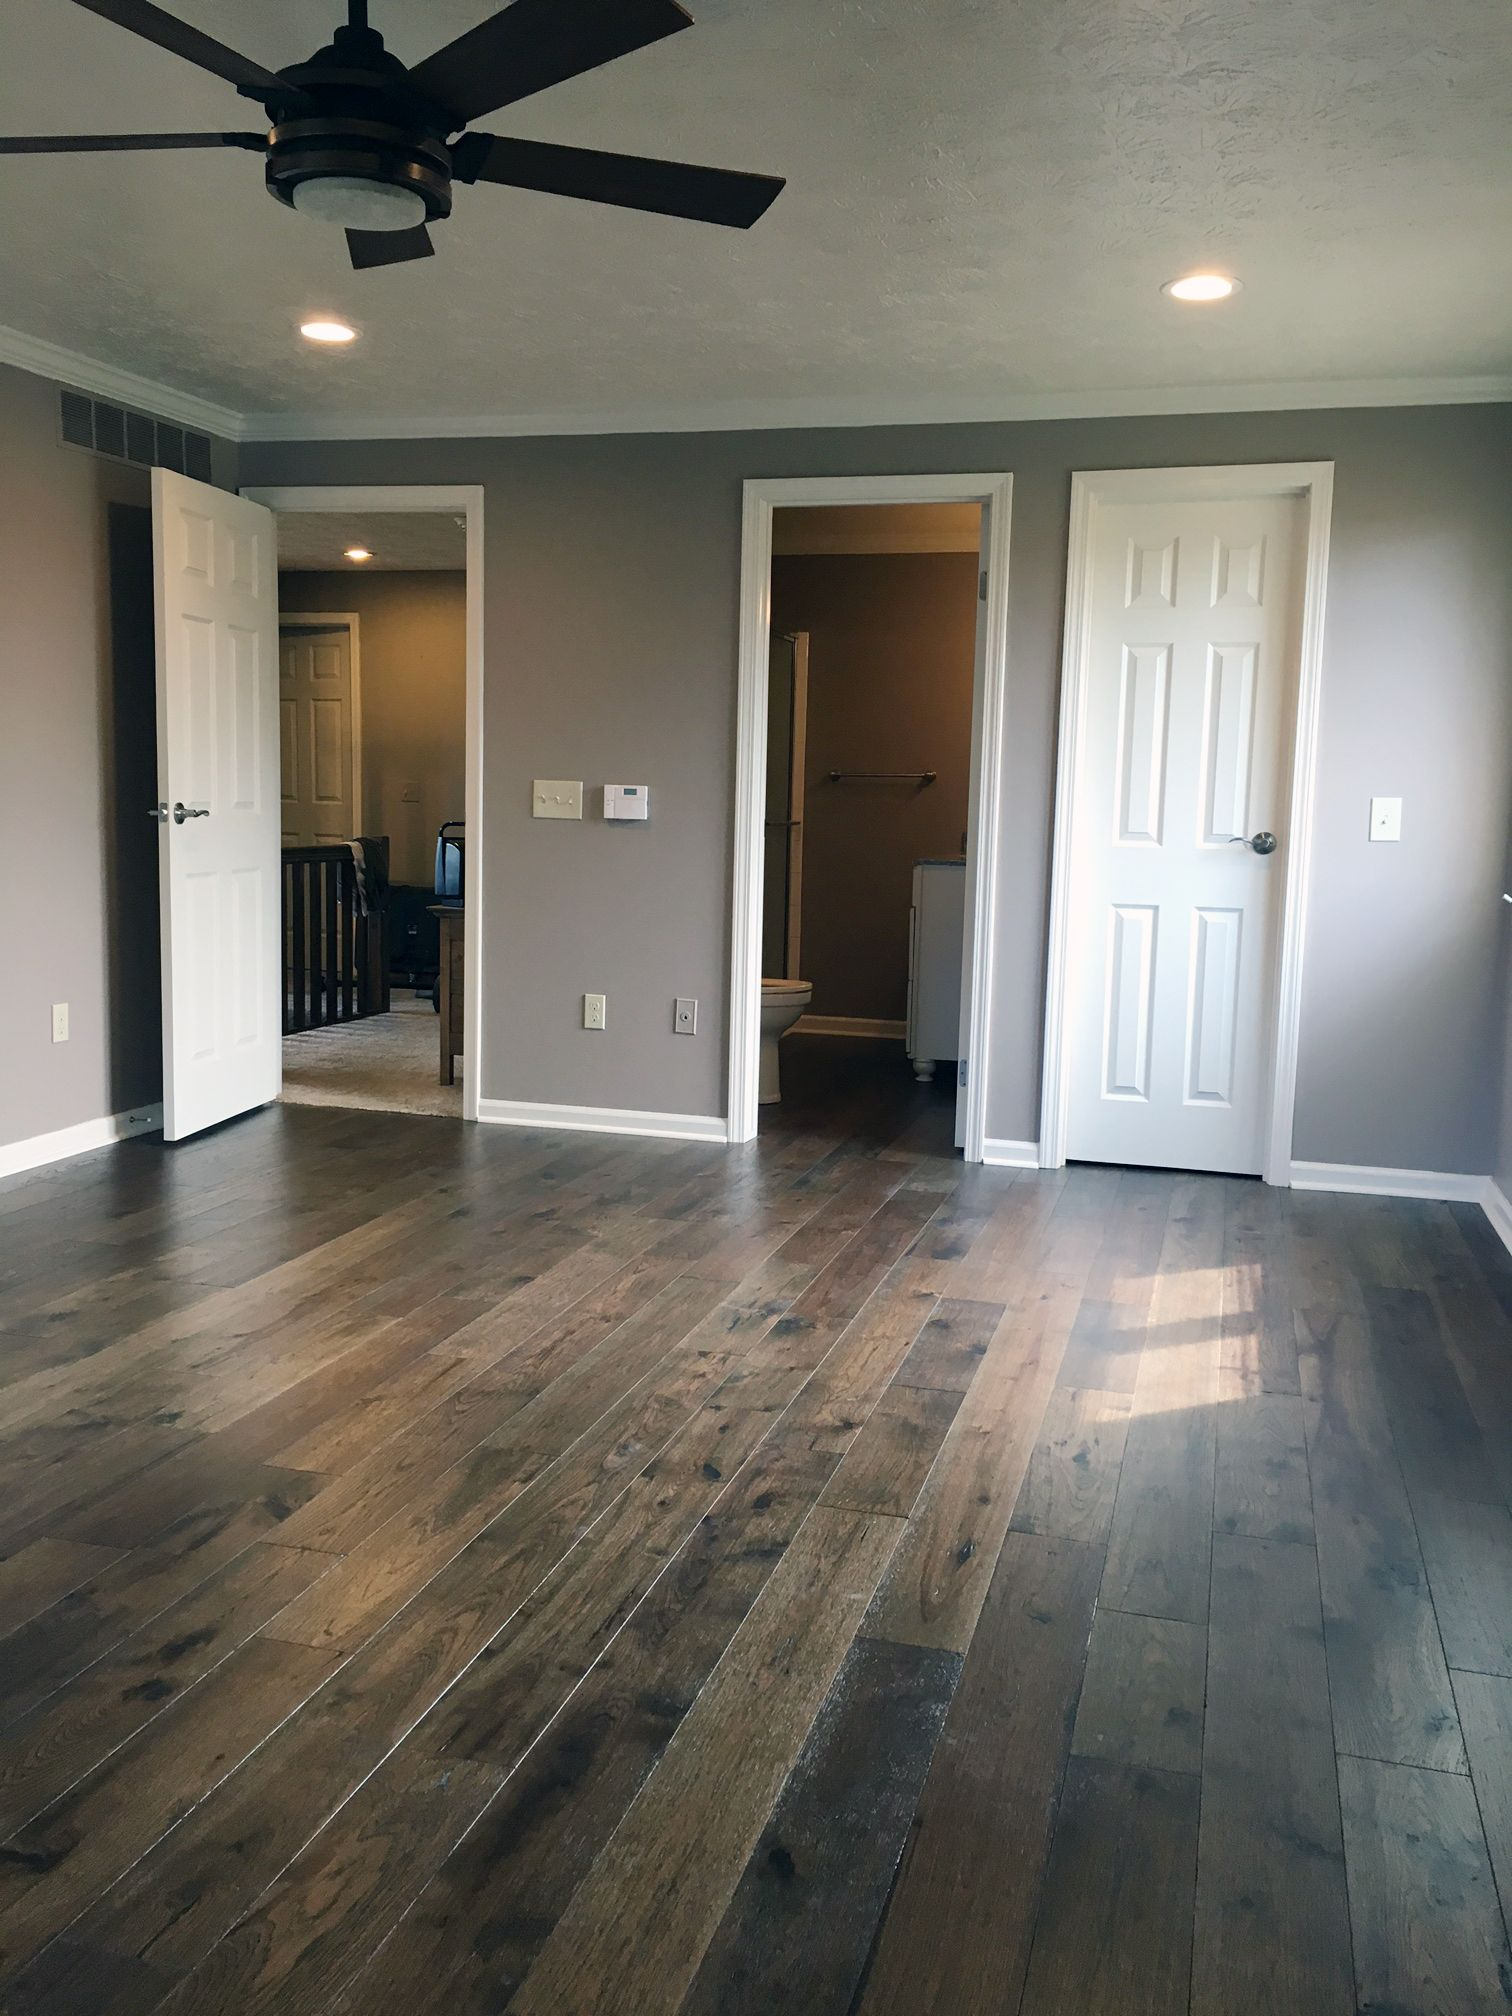 Novella Hardwood Collection Hallmark Floors Farmhouse Flooring House Flooring Wood Floors Wide Plank